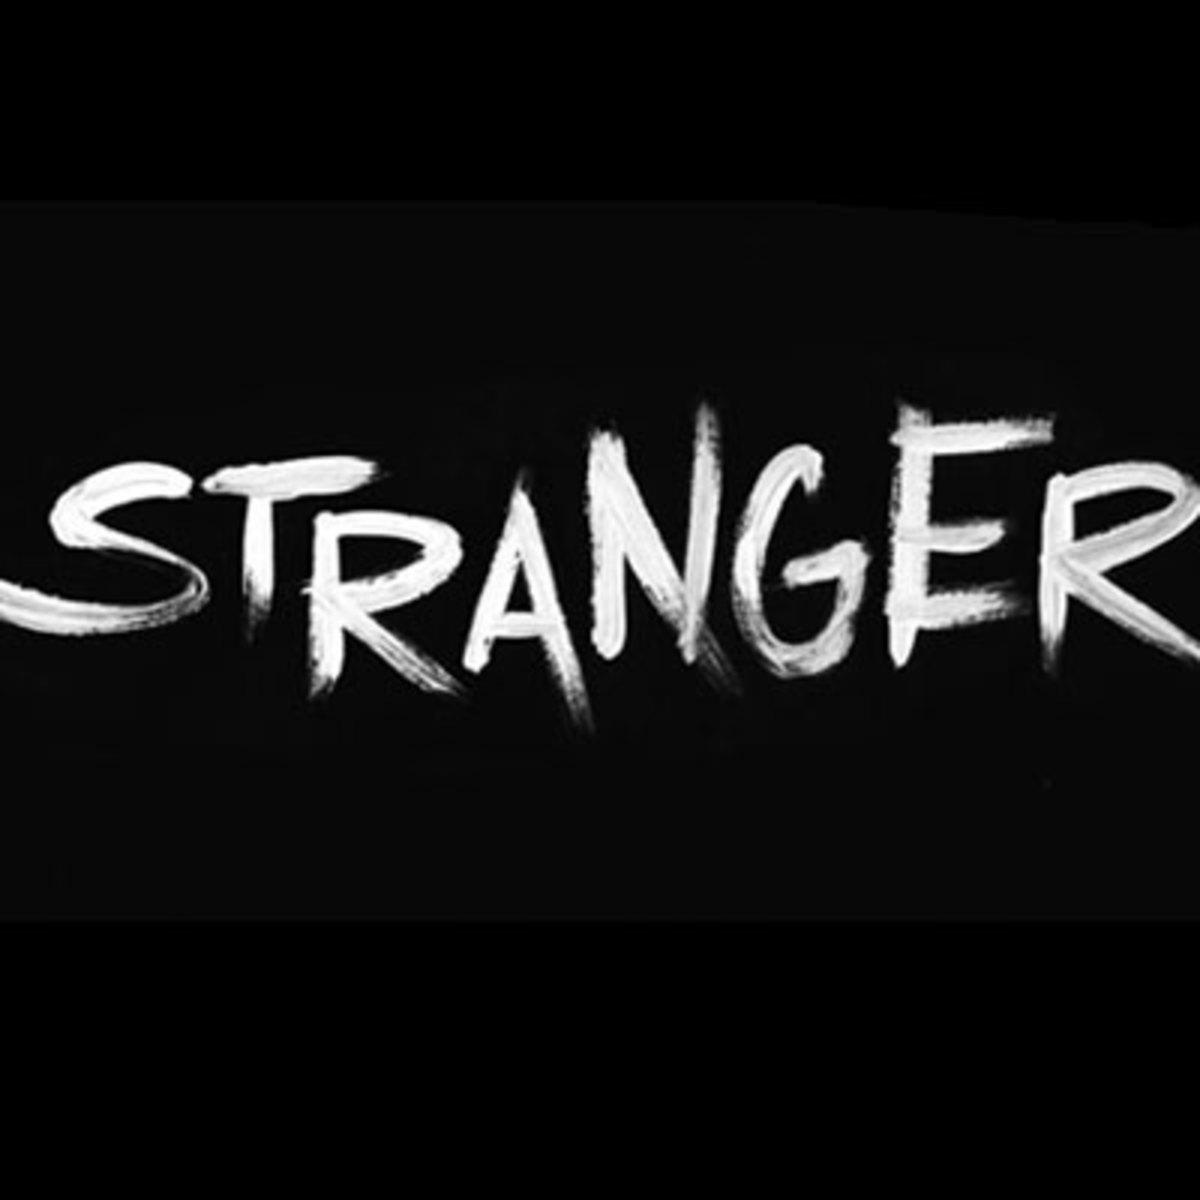 dk-stranger.jpg